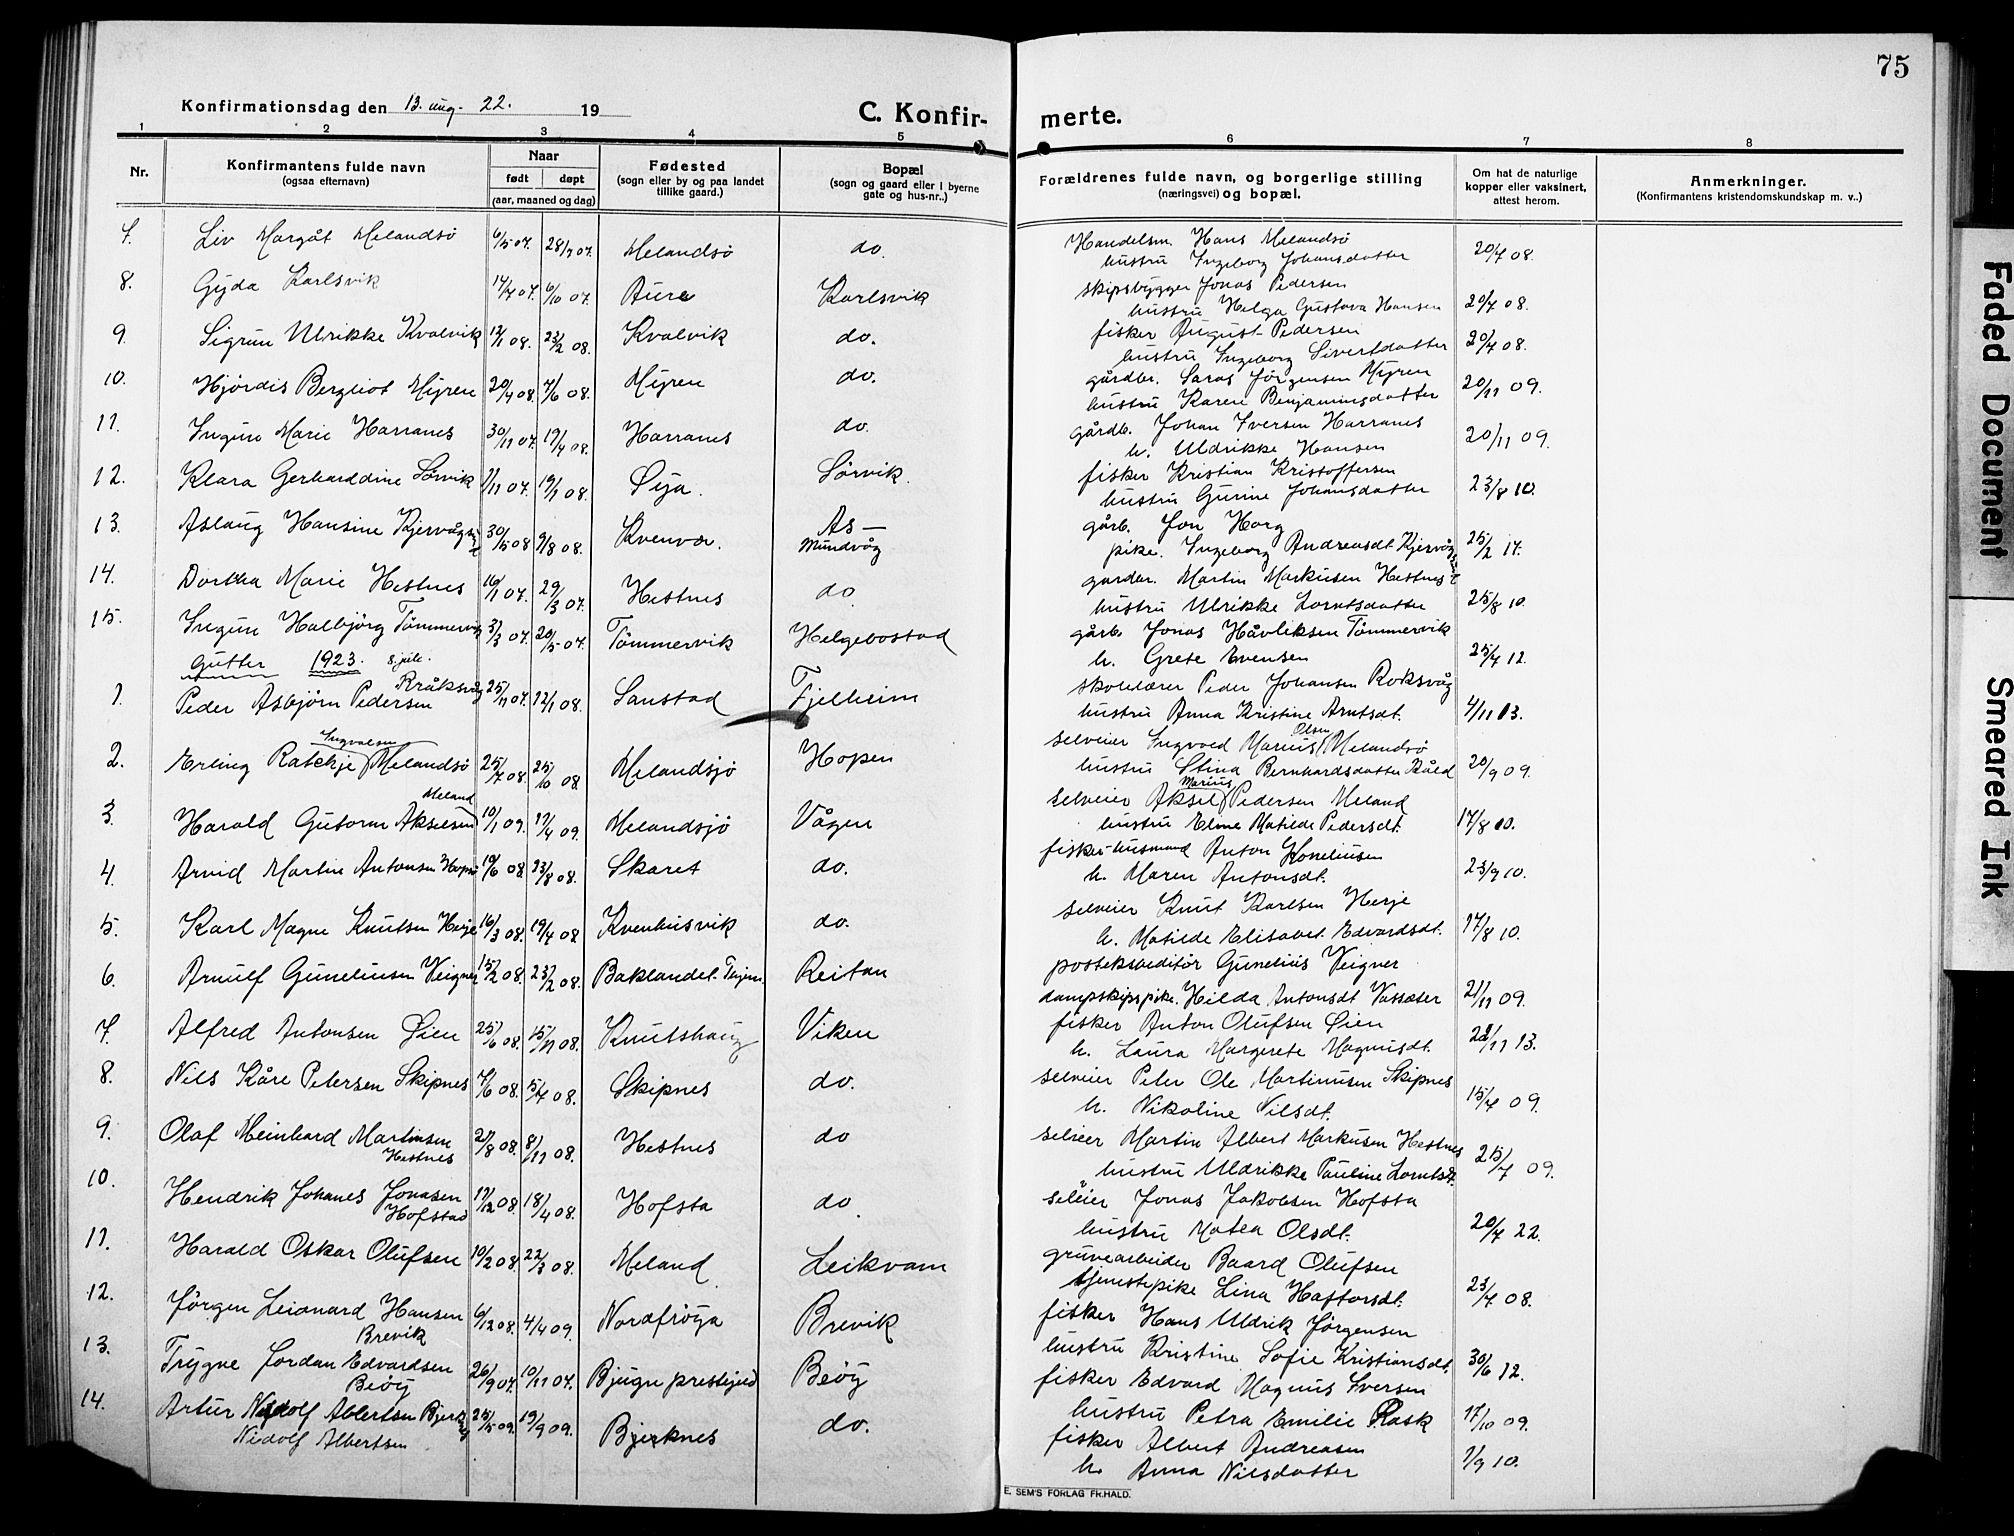 SAT, Ministerialprotokoller, klokkerbøker og fødselsregistre - Sør-Trøndelag, 634/L0543: Klokkerbok nr. 634C05, 1917-1928, s. 75